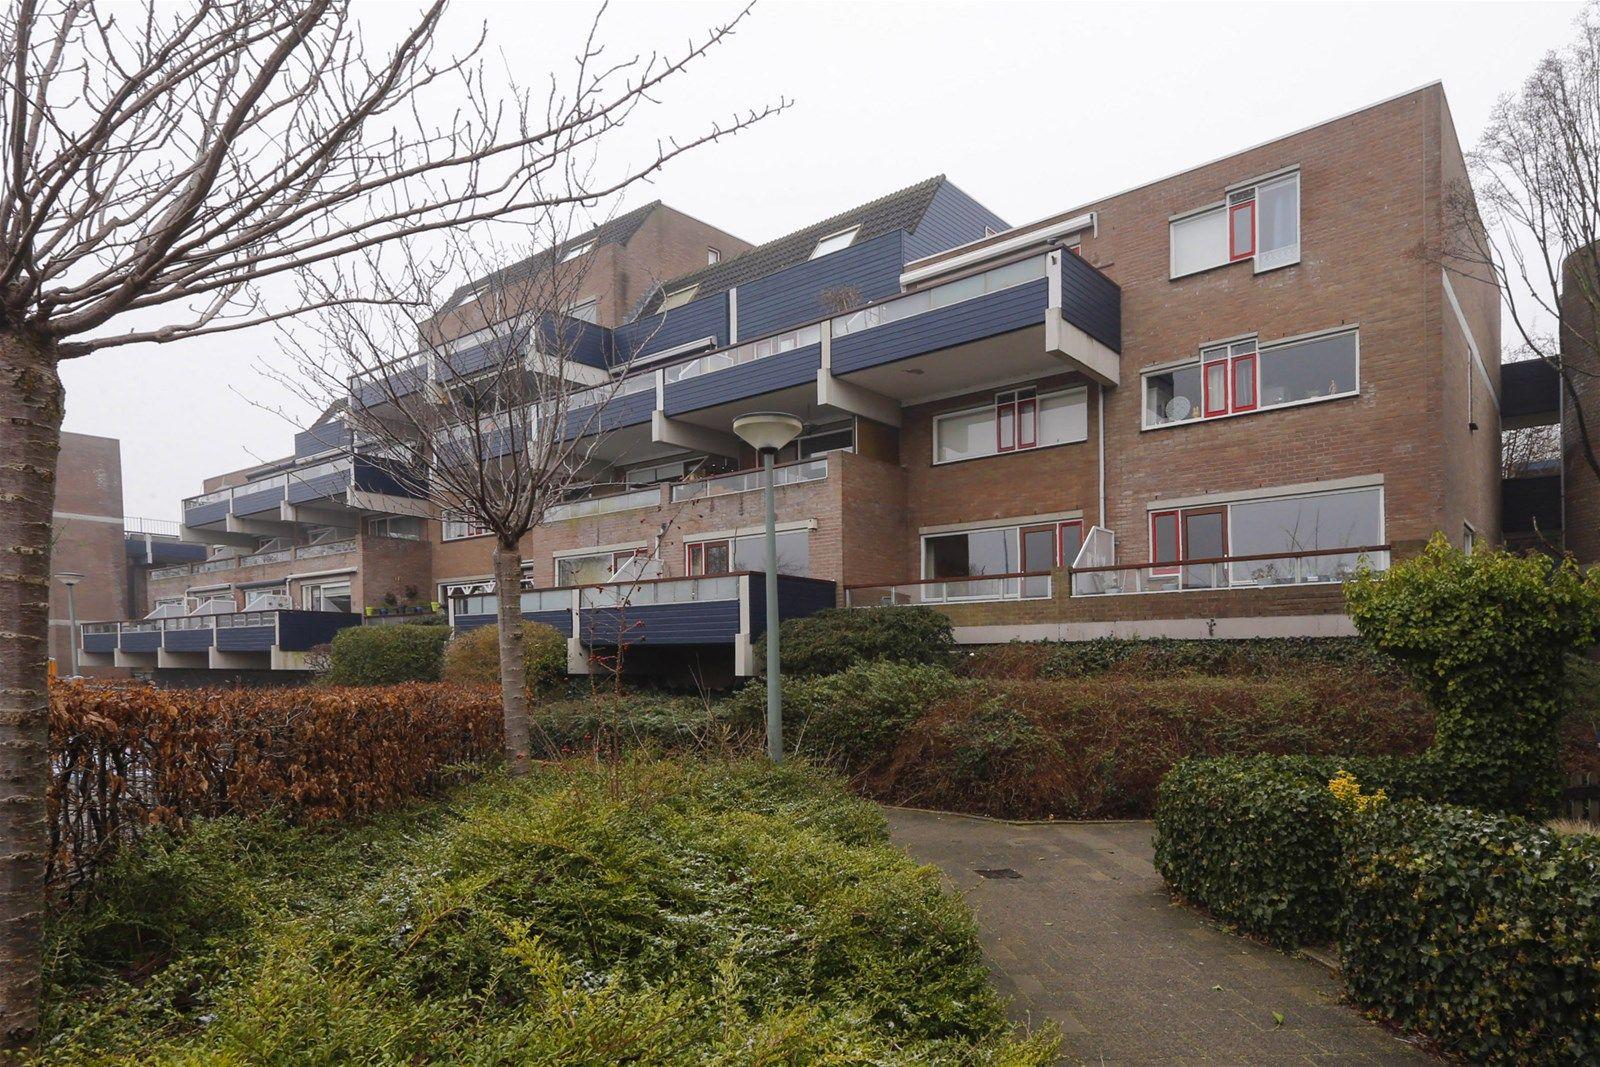 Doornenburg 88, Dordrecht